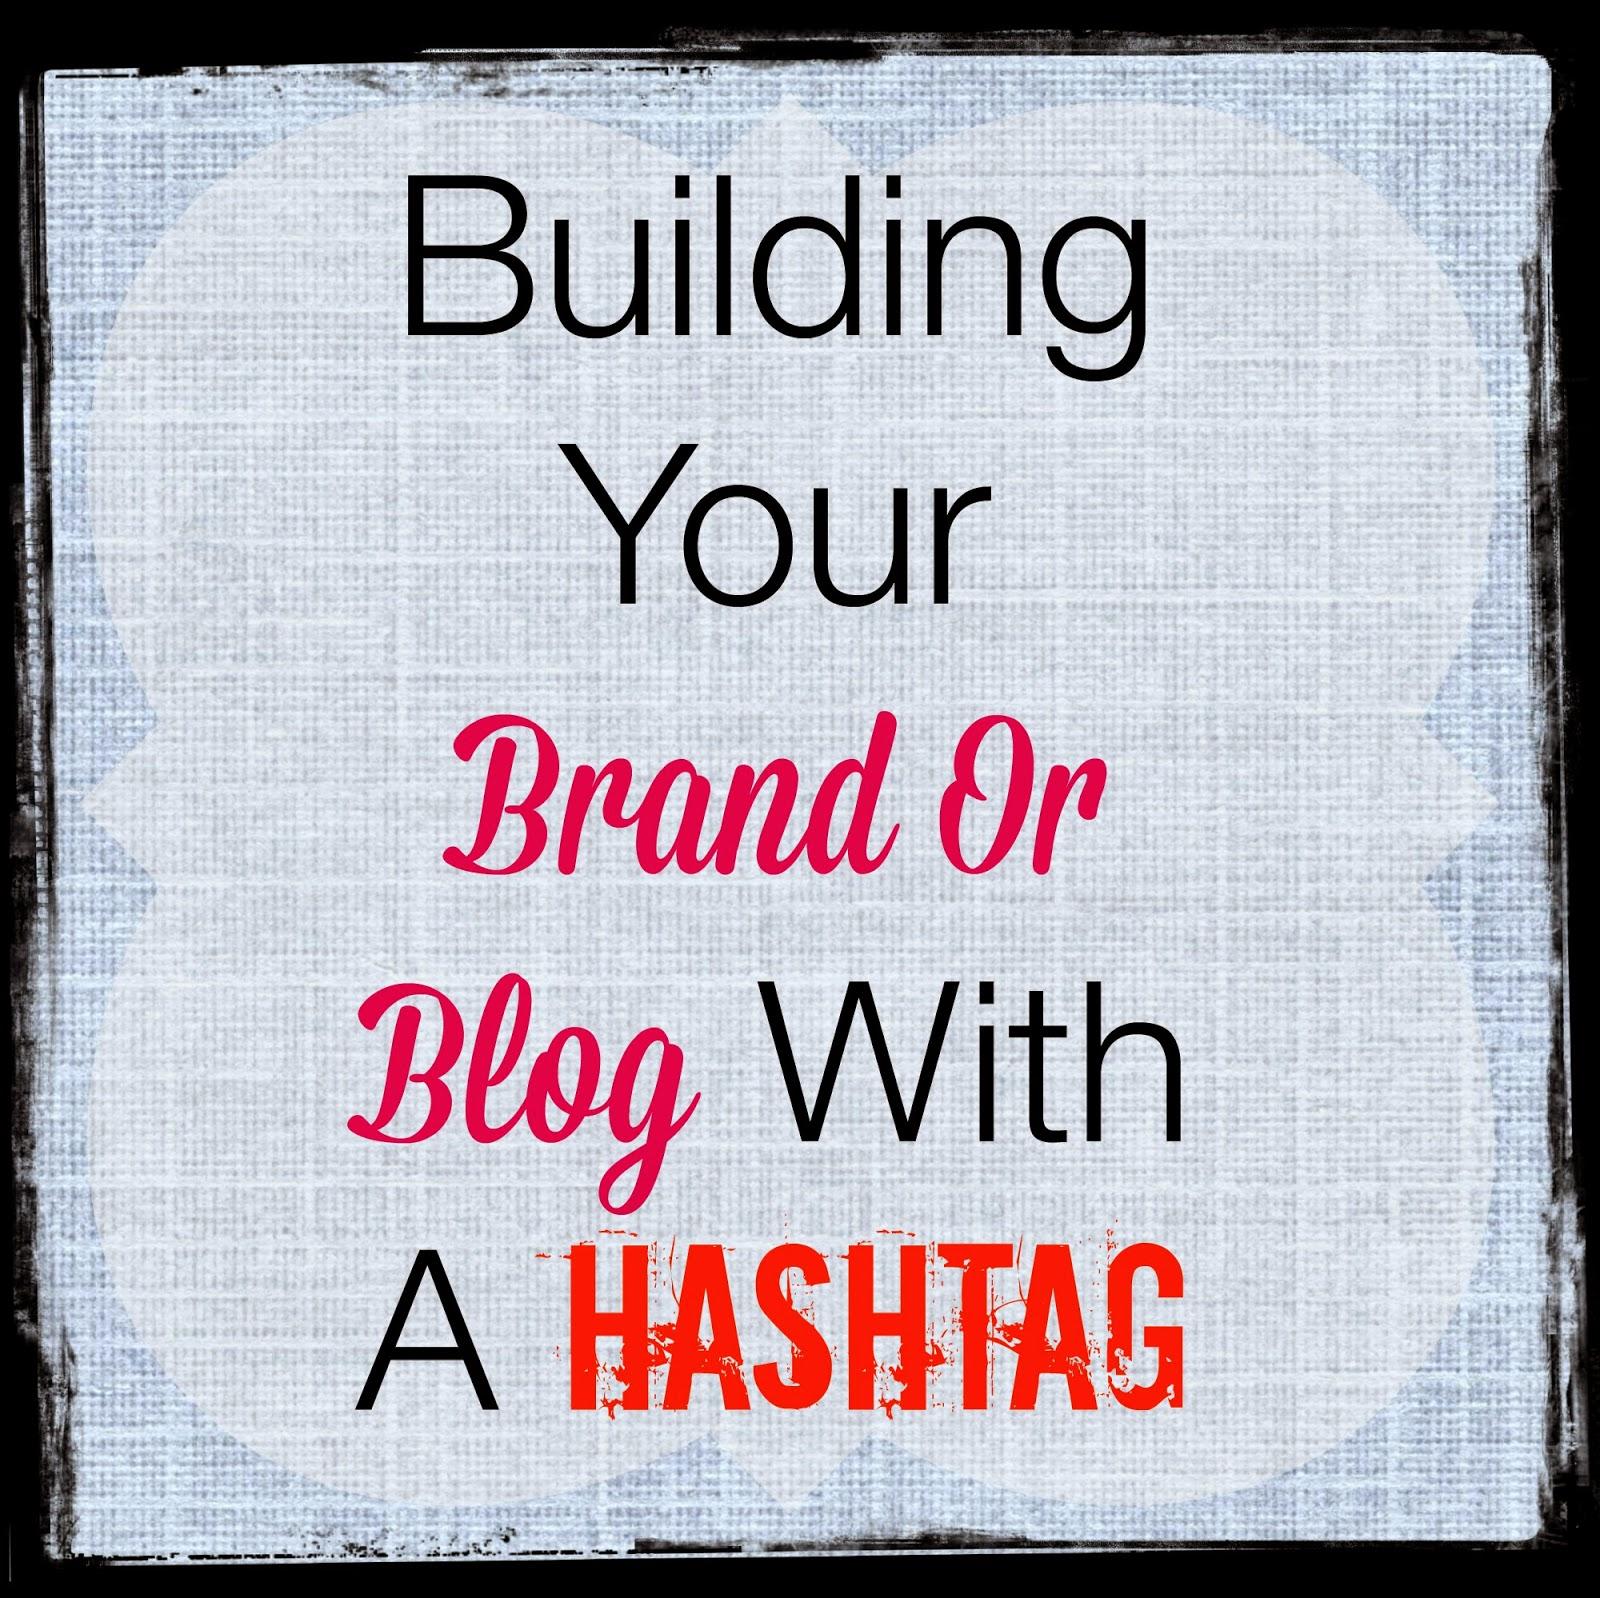 Branding Hashtag Social Media